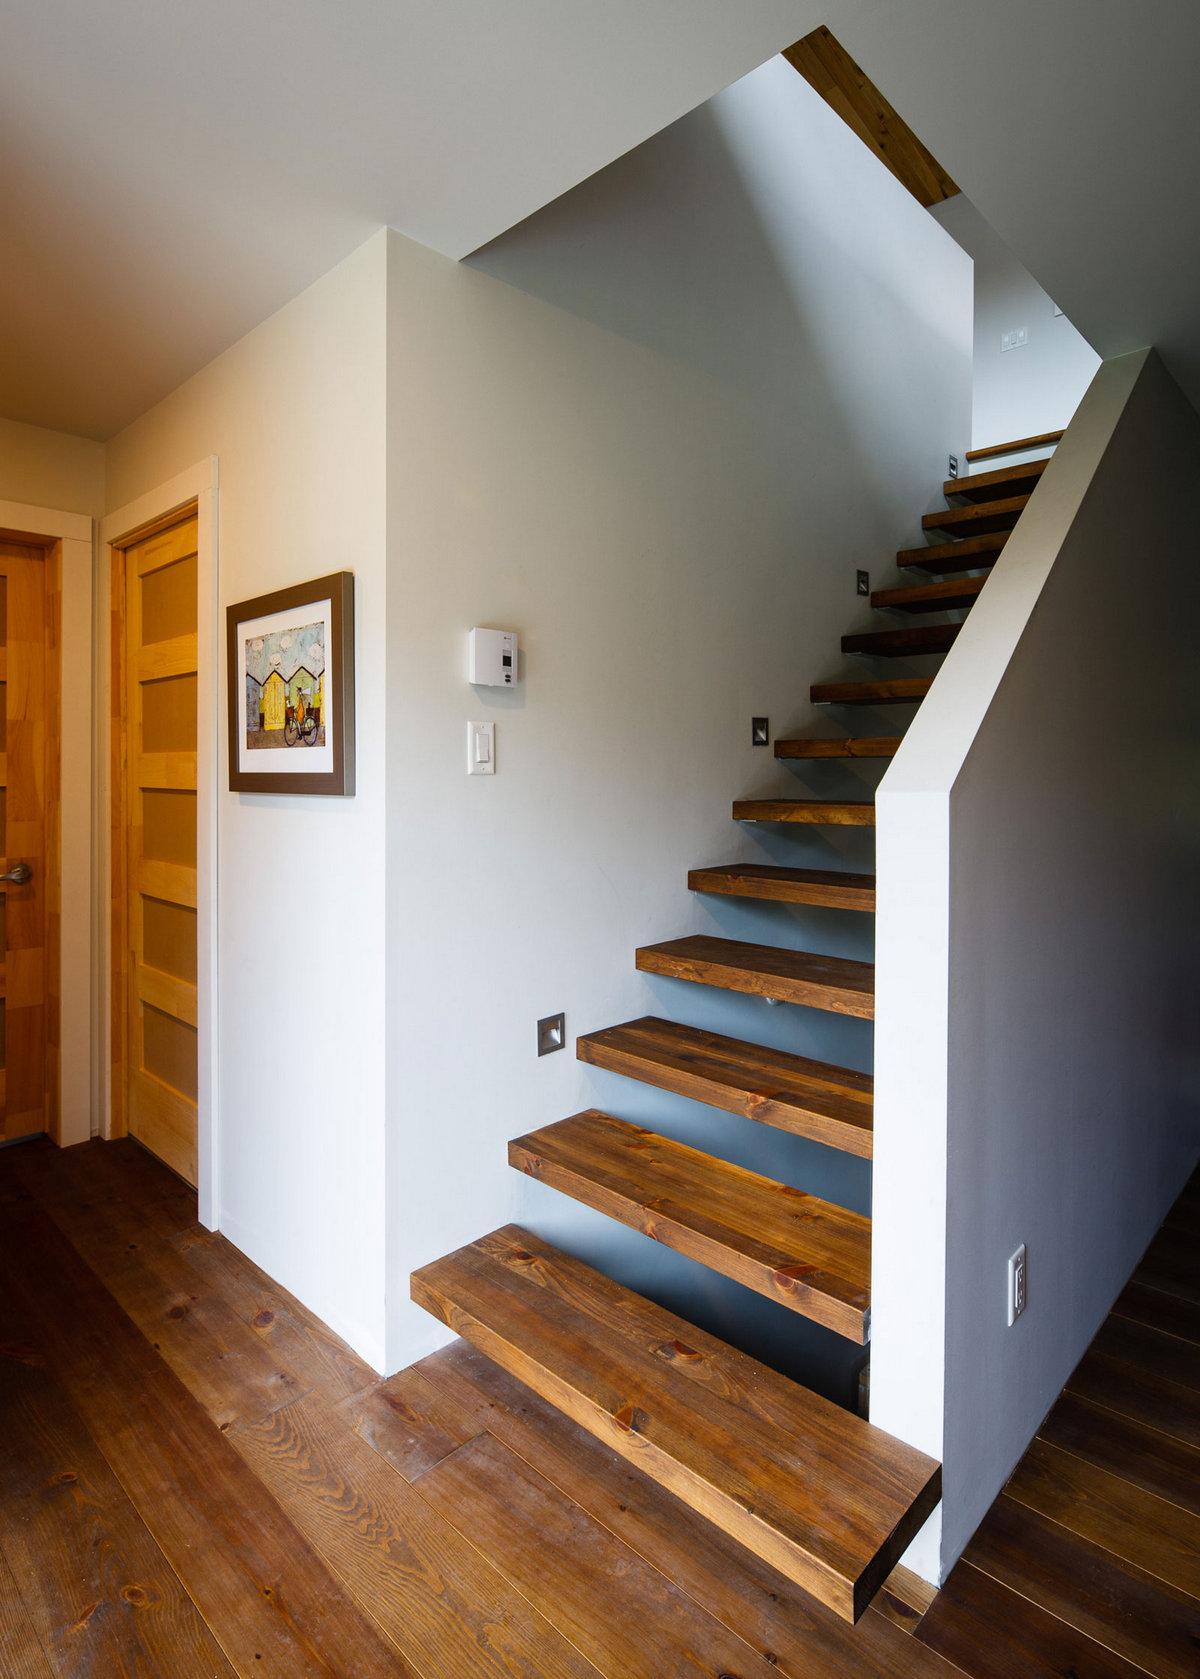 дома в Больтон-Эст, особняки в Канаде, частный дом в Канаде, элитная недвижимость Канада, обзор частных домов, небольшой частный дом фото, Boom Town